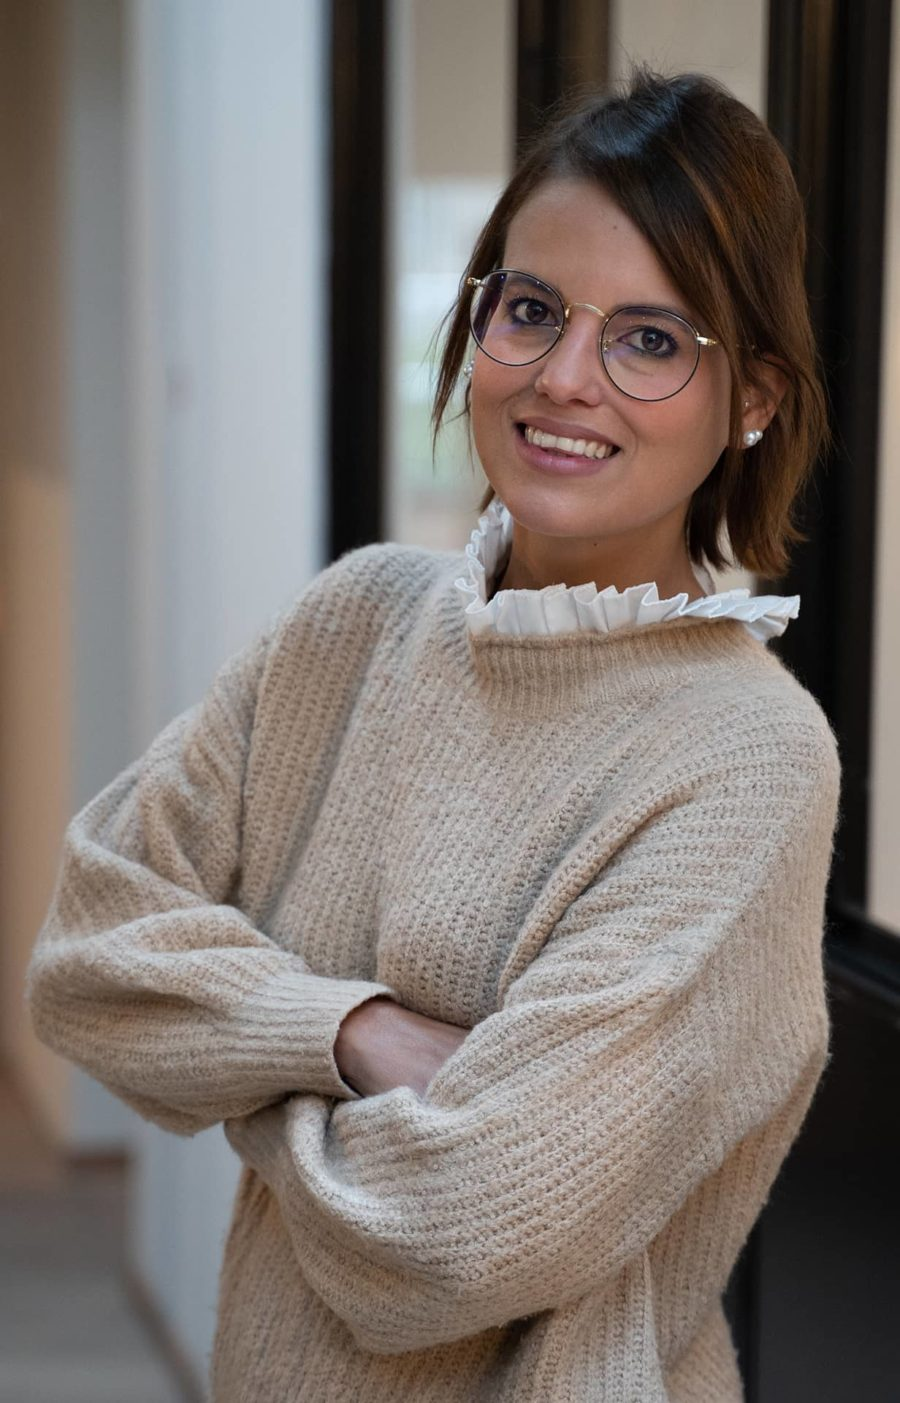 Laura Dourcy